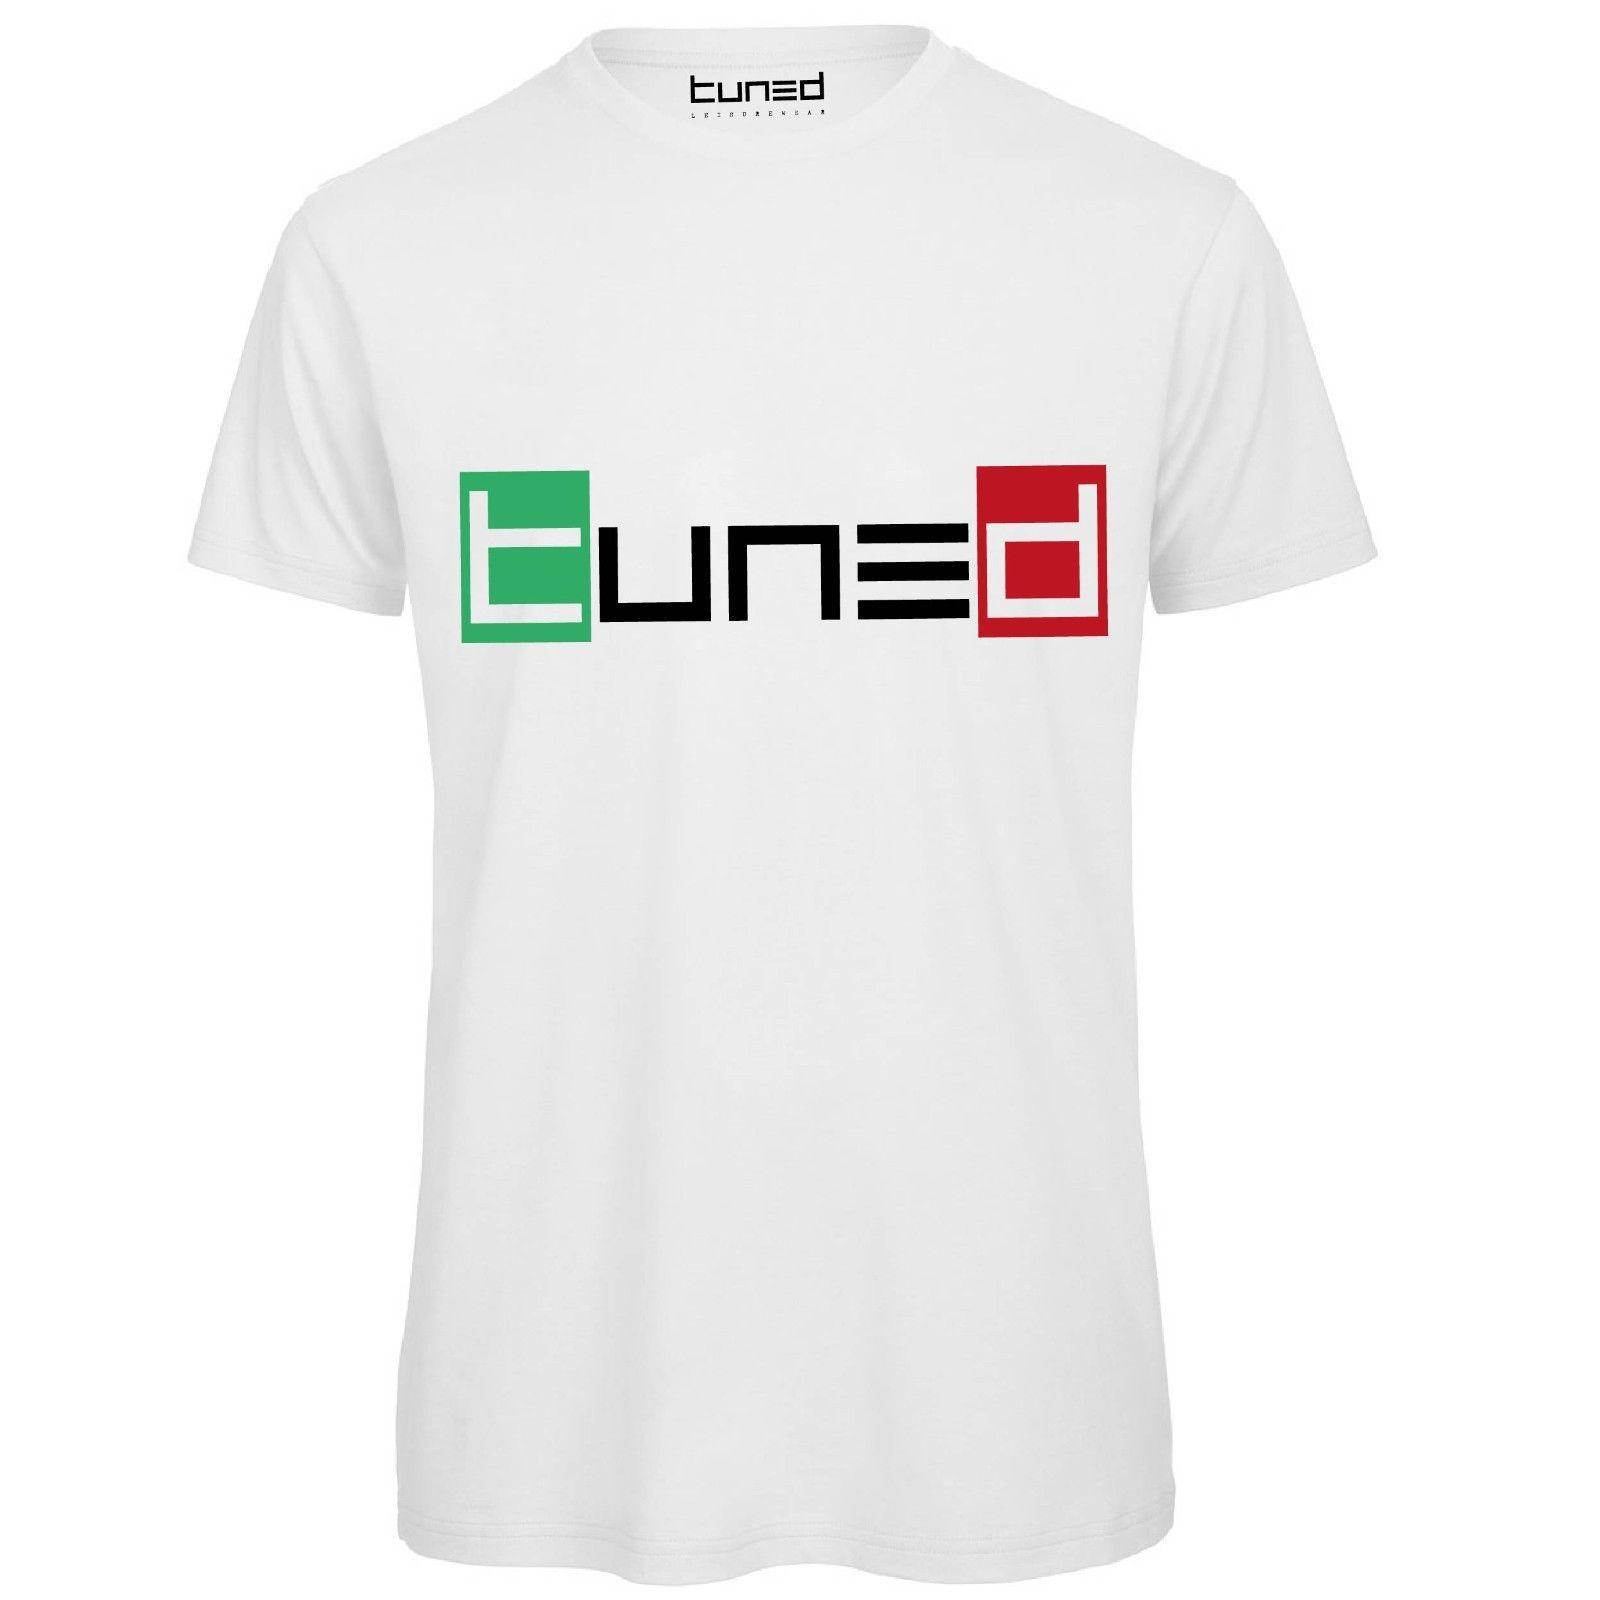 Maglietta Maniche Corte Uomo T-Shirt Cotone Organico Con Stampa Tricolore Tuned 2019T Shirts